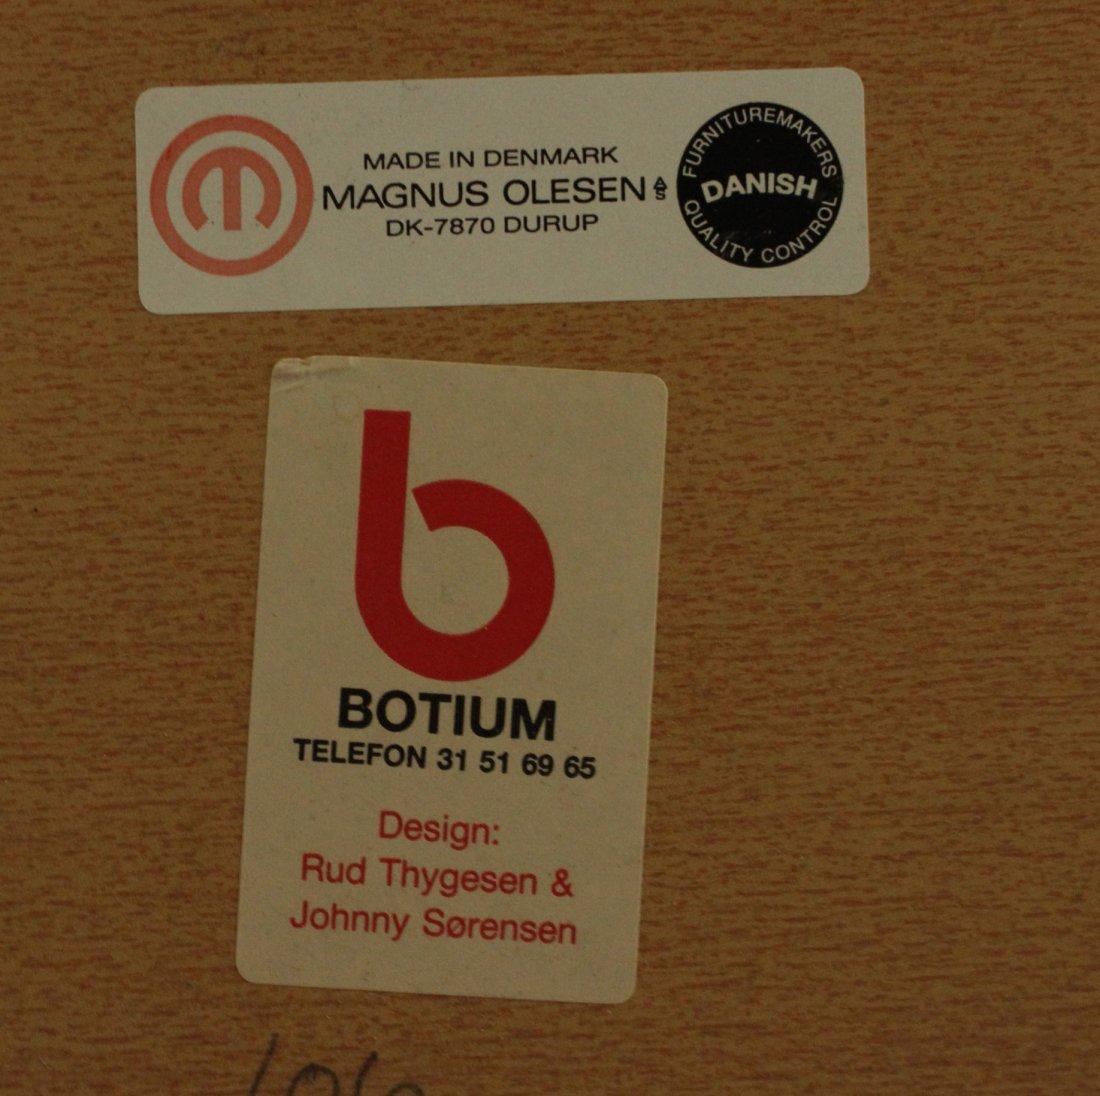 Botium Magnus Olesen Denmark 6 Ft. DESK or DINING TABLE - 3